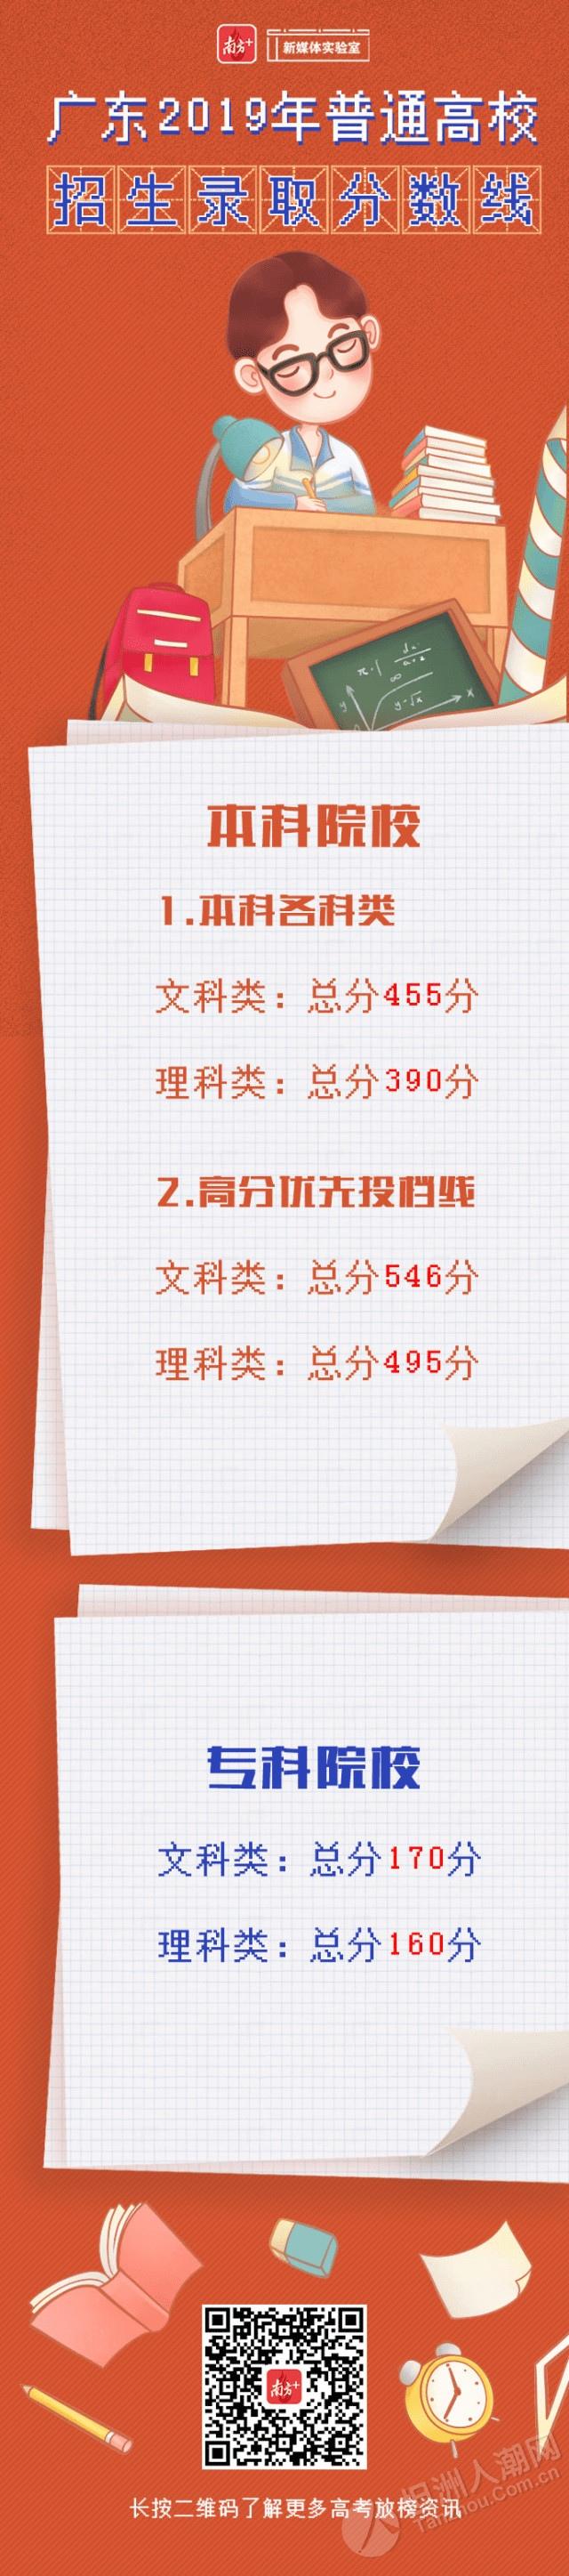 分数高到被屏蔽!今年文理科前50名分布:广州第一,东莞第二